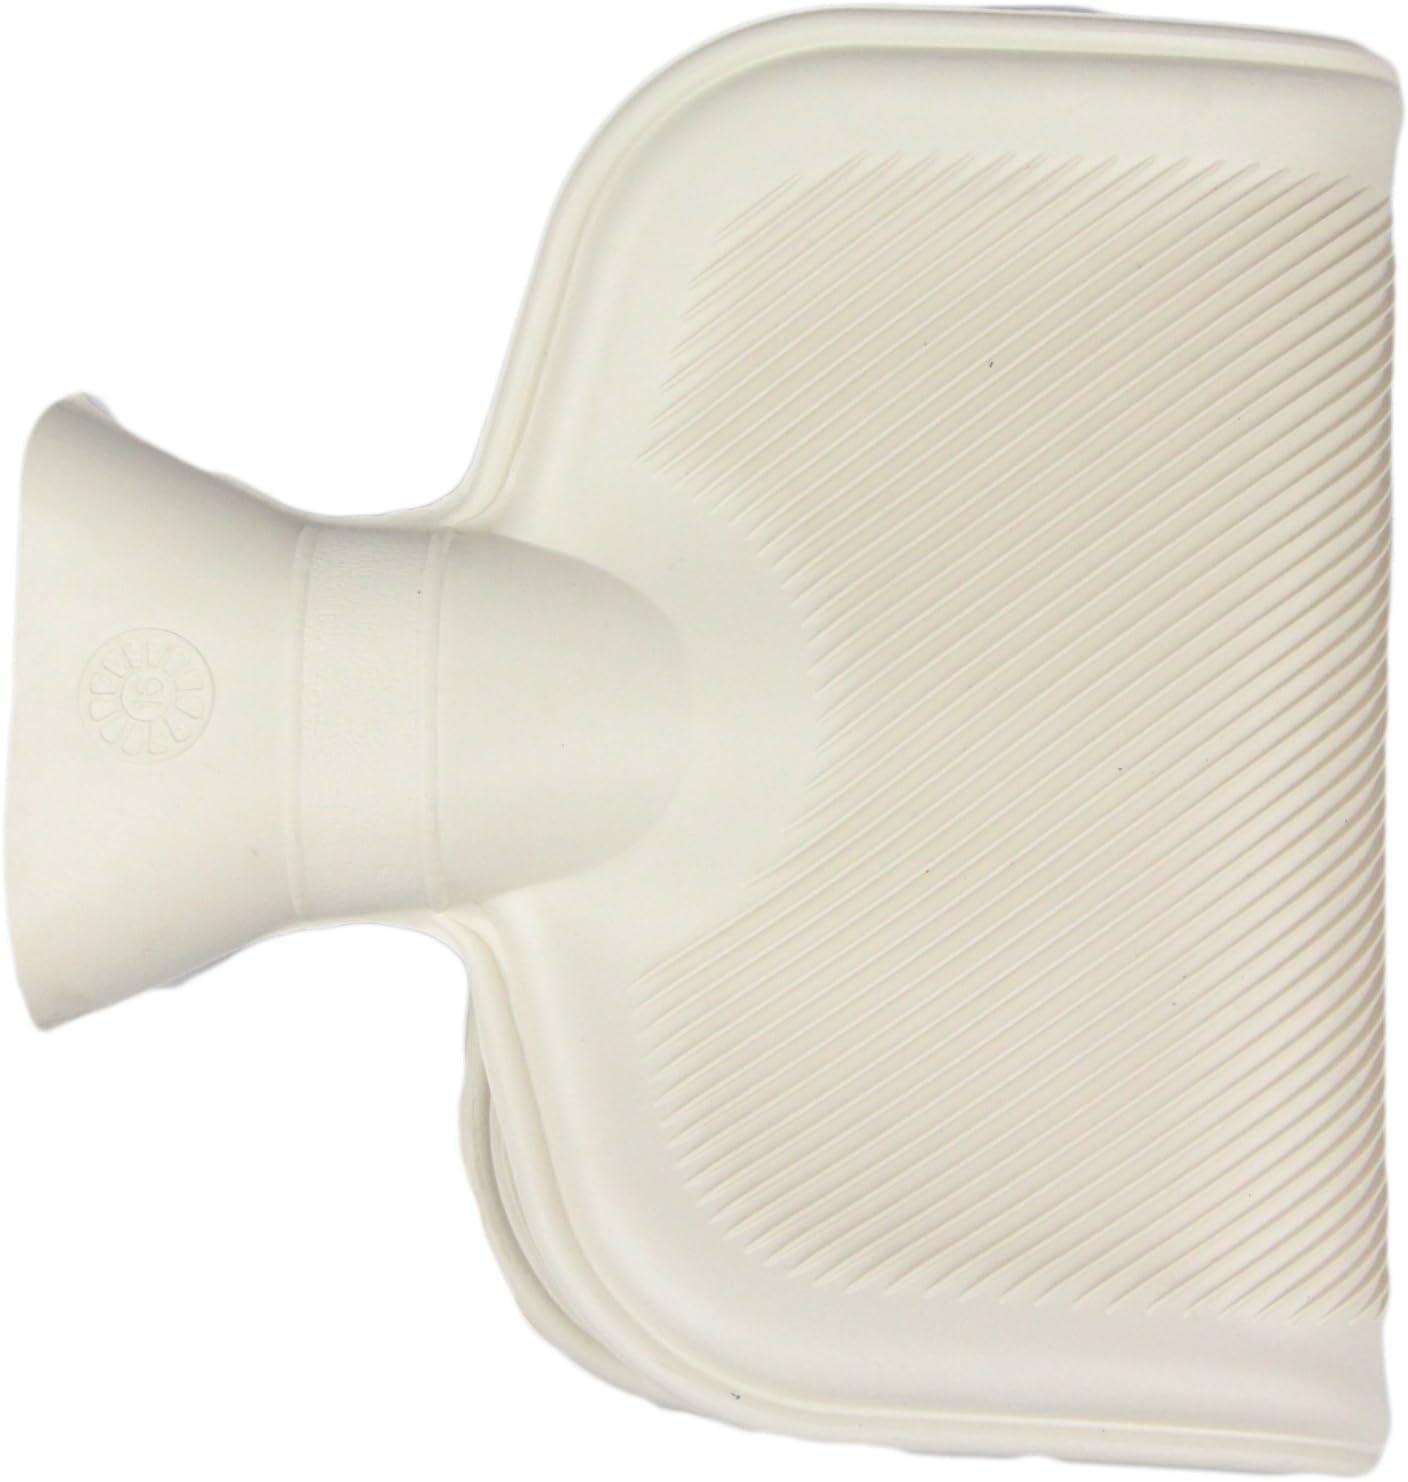 PoundSaver/® Large 2L Hot Water Bottle Natural Warmer Rubber